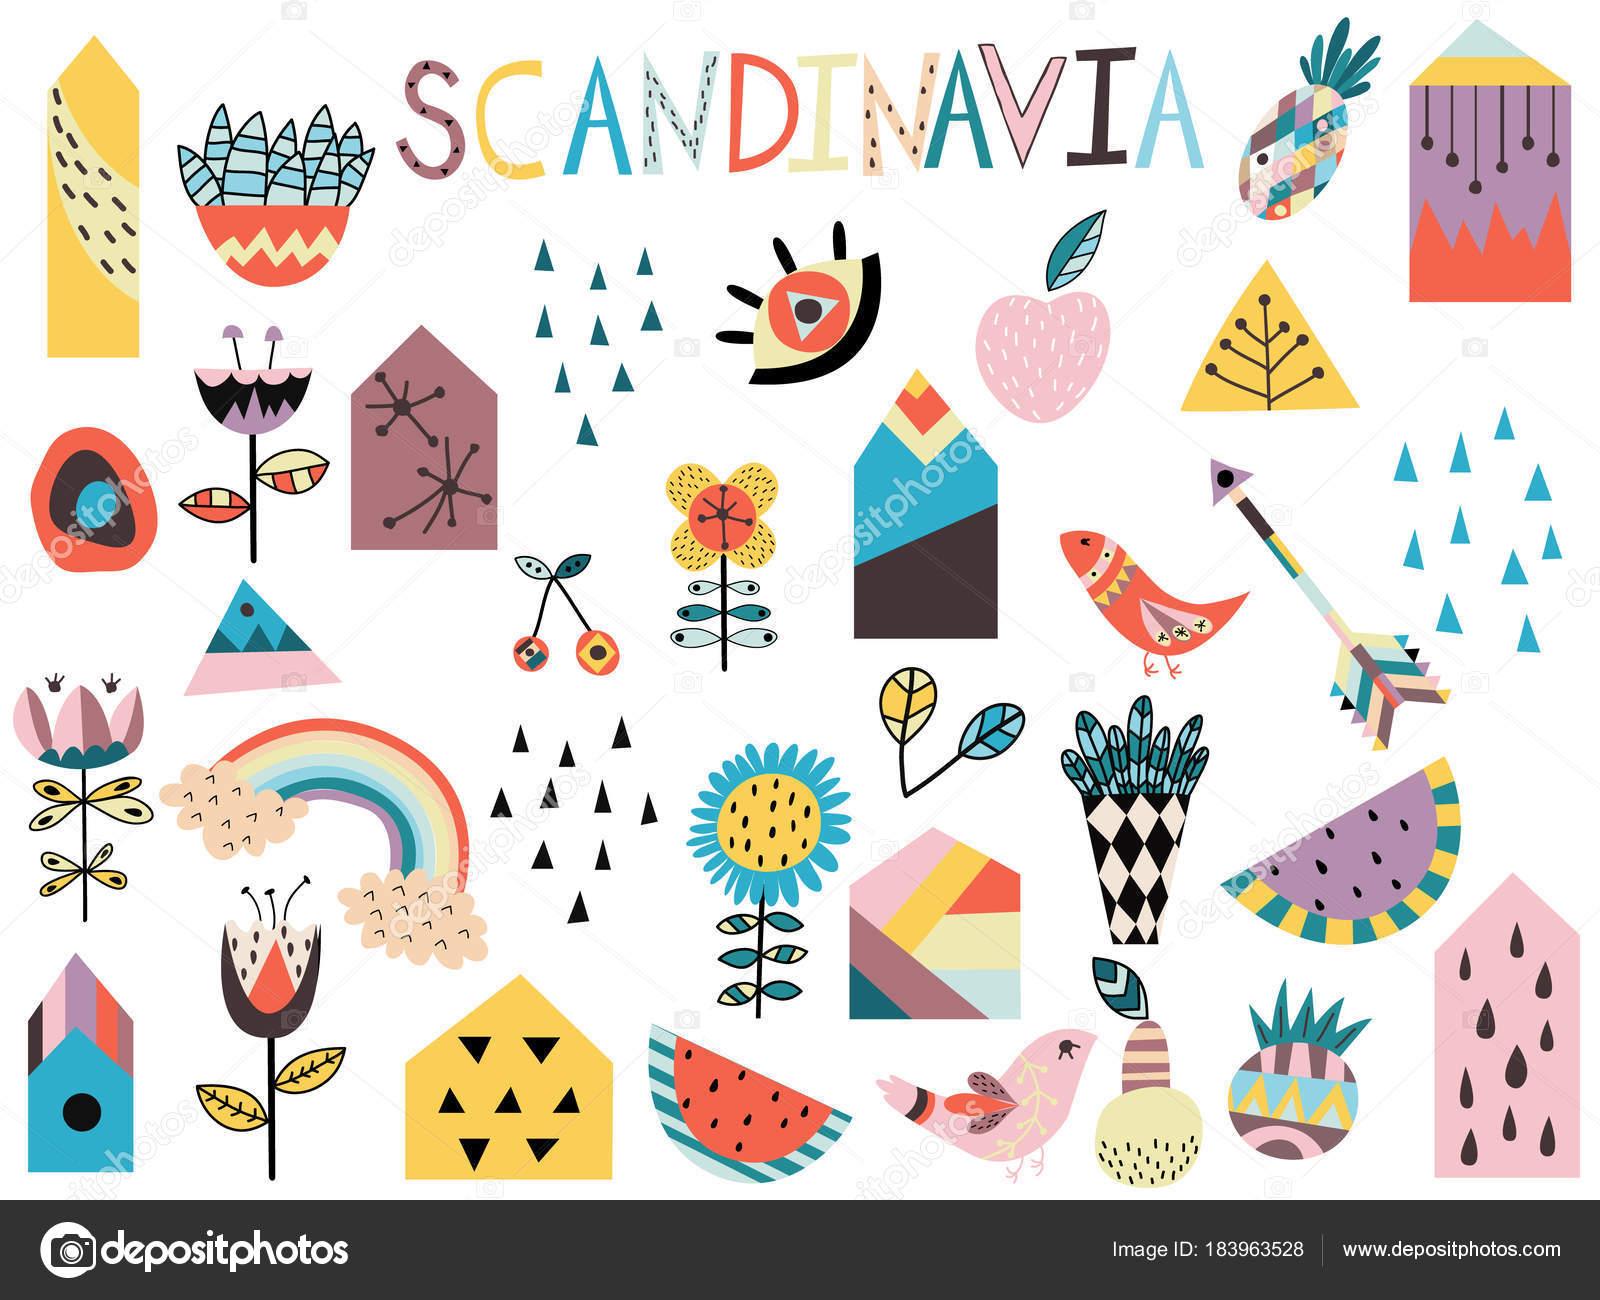 かわいい北欧スタイルの要素のセットです 手描きの背景イラスト